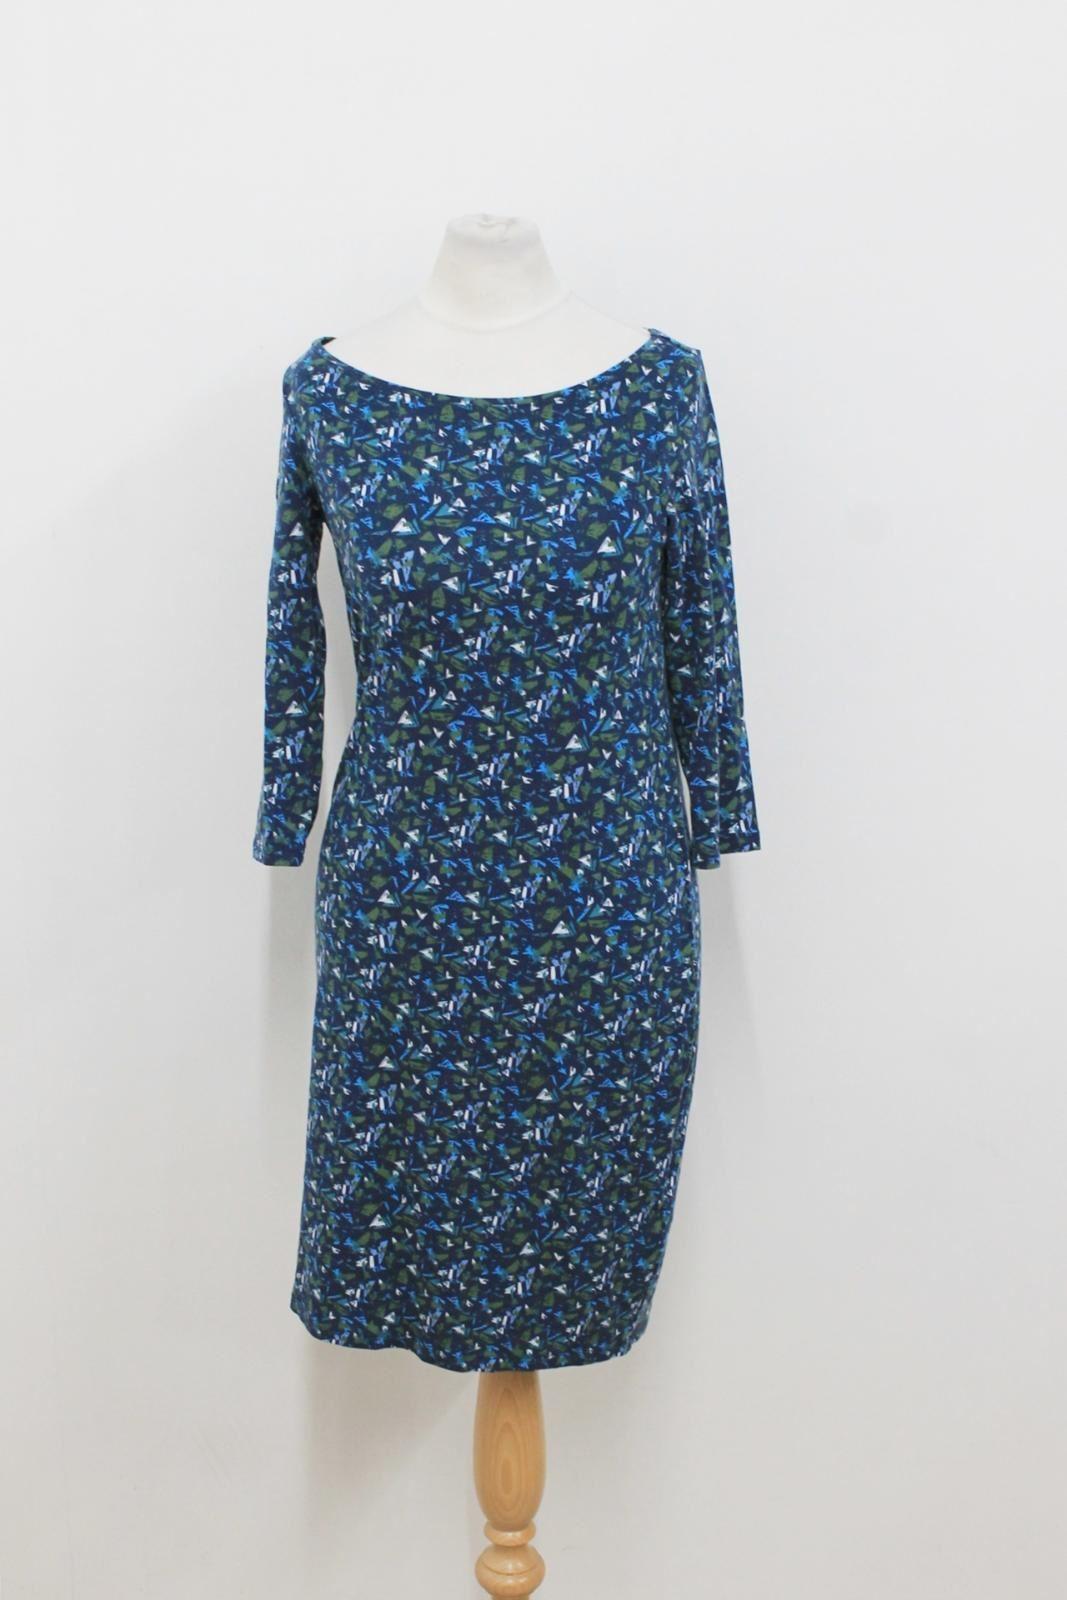 8992be77b743 Pure Donna Blu verde stampati 3 4 Maniche Lunghe Abito A Matita UK8 Bianco  Collection nqcrpq3681-Vestiti